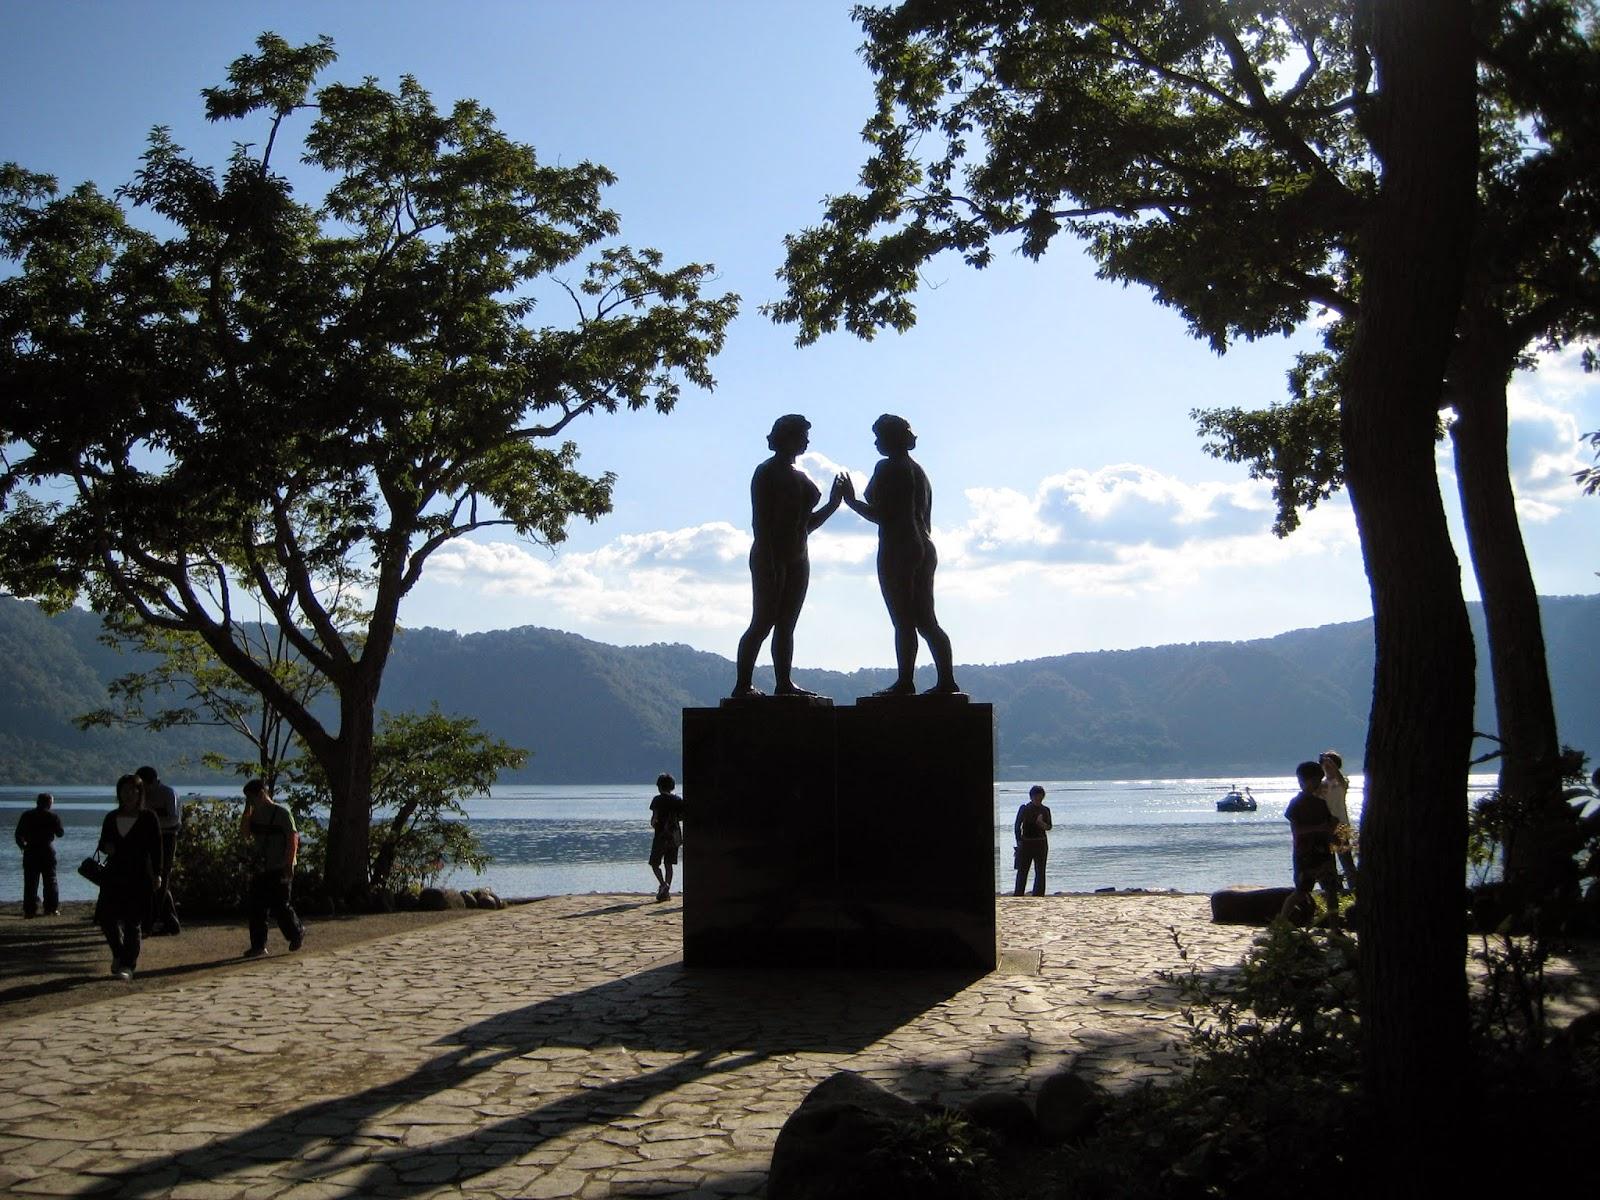 Statue of Maidens Lake Towada Towadako 十和田湖 乙女の像